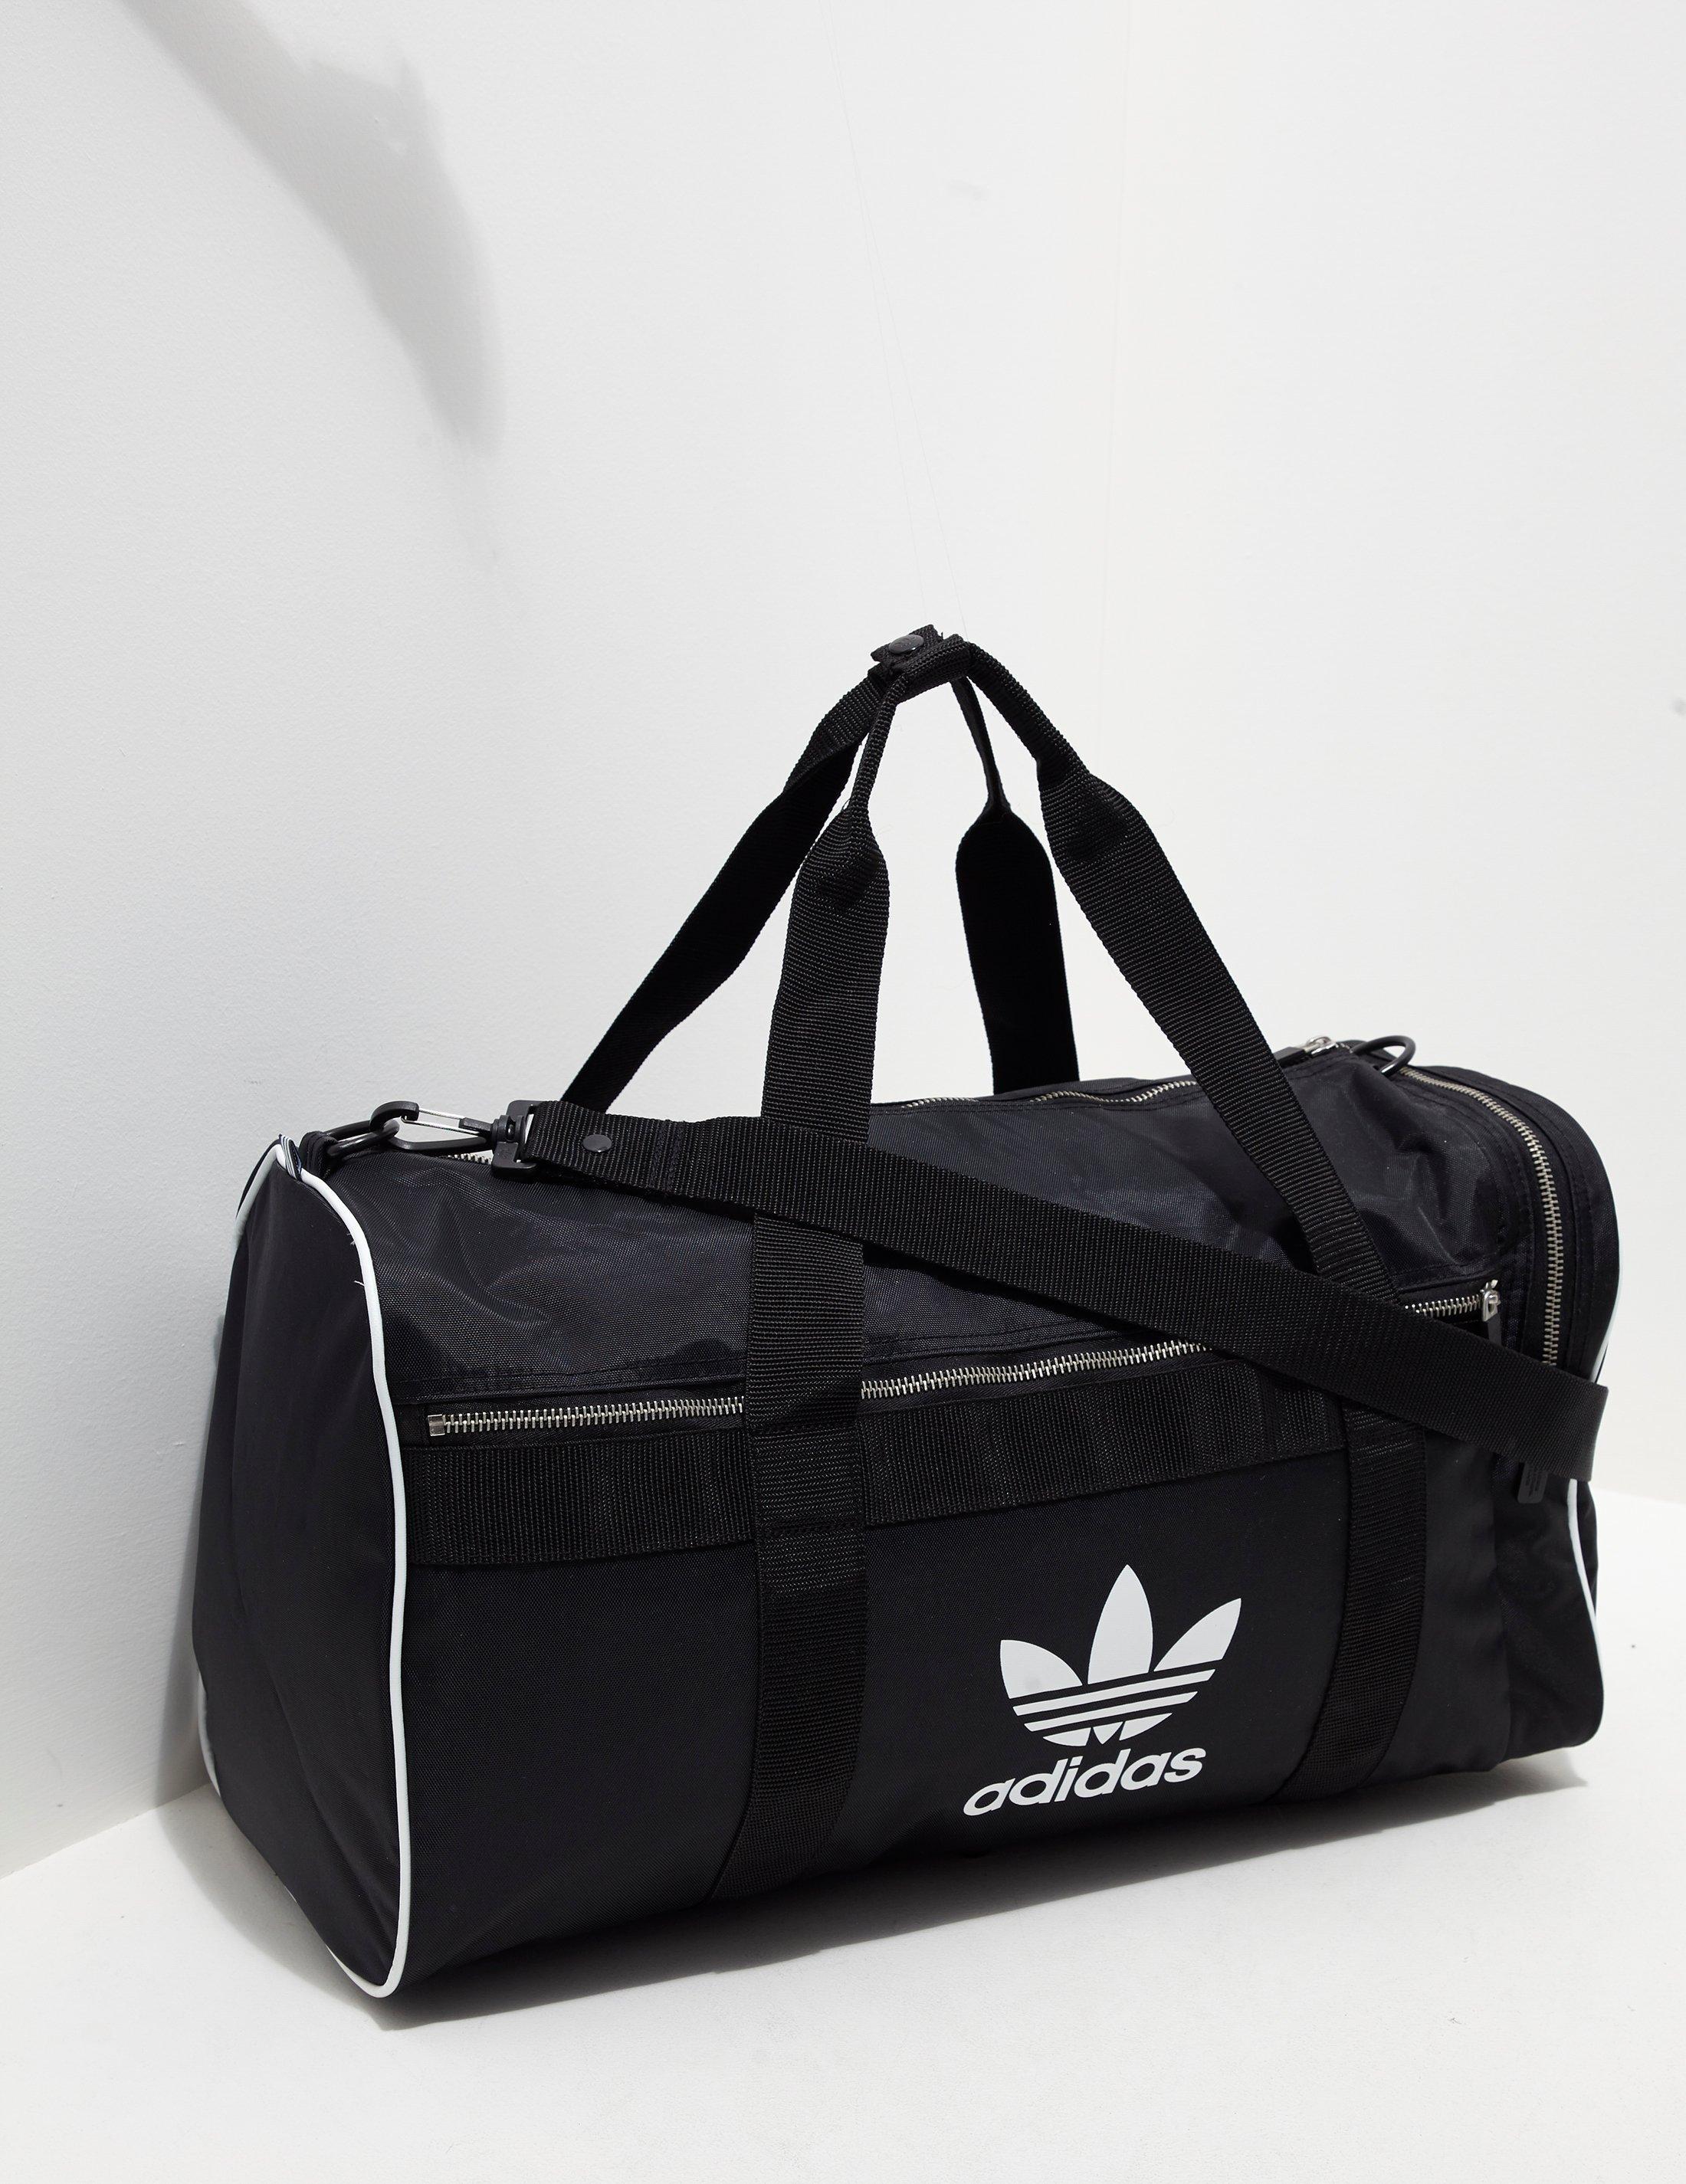 Mens Trefoil Duffel Bag Black